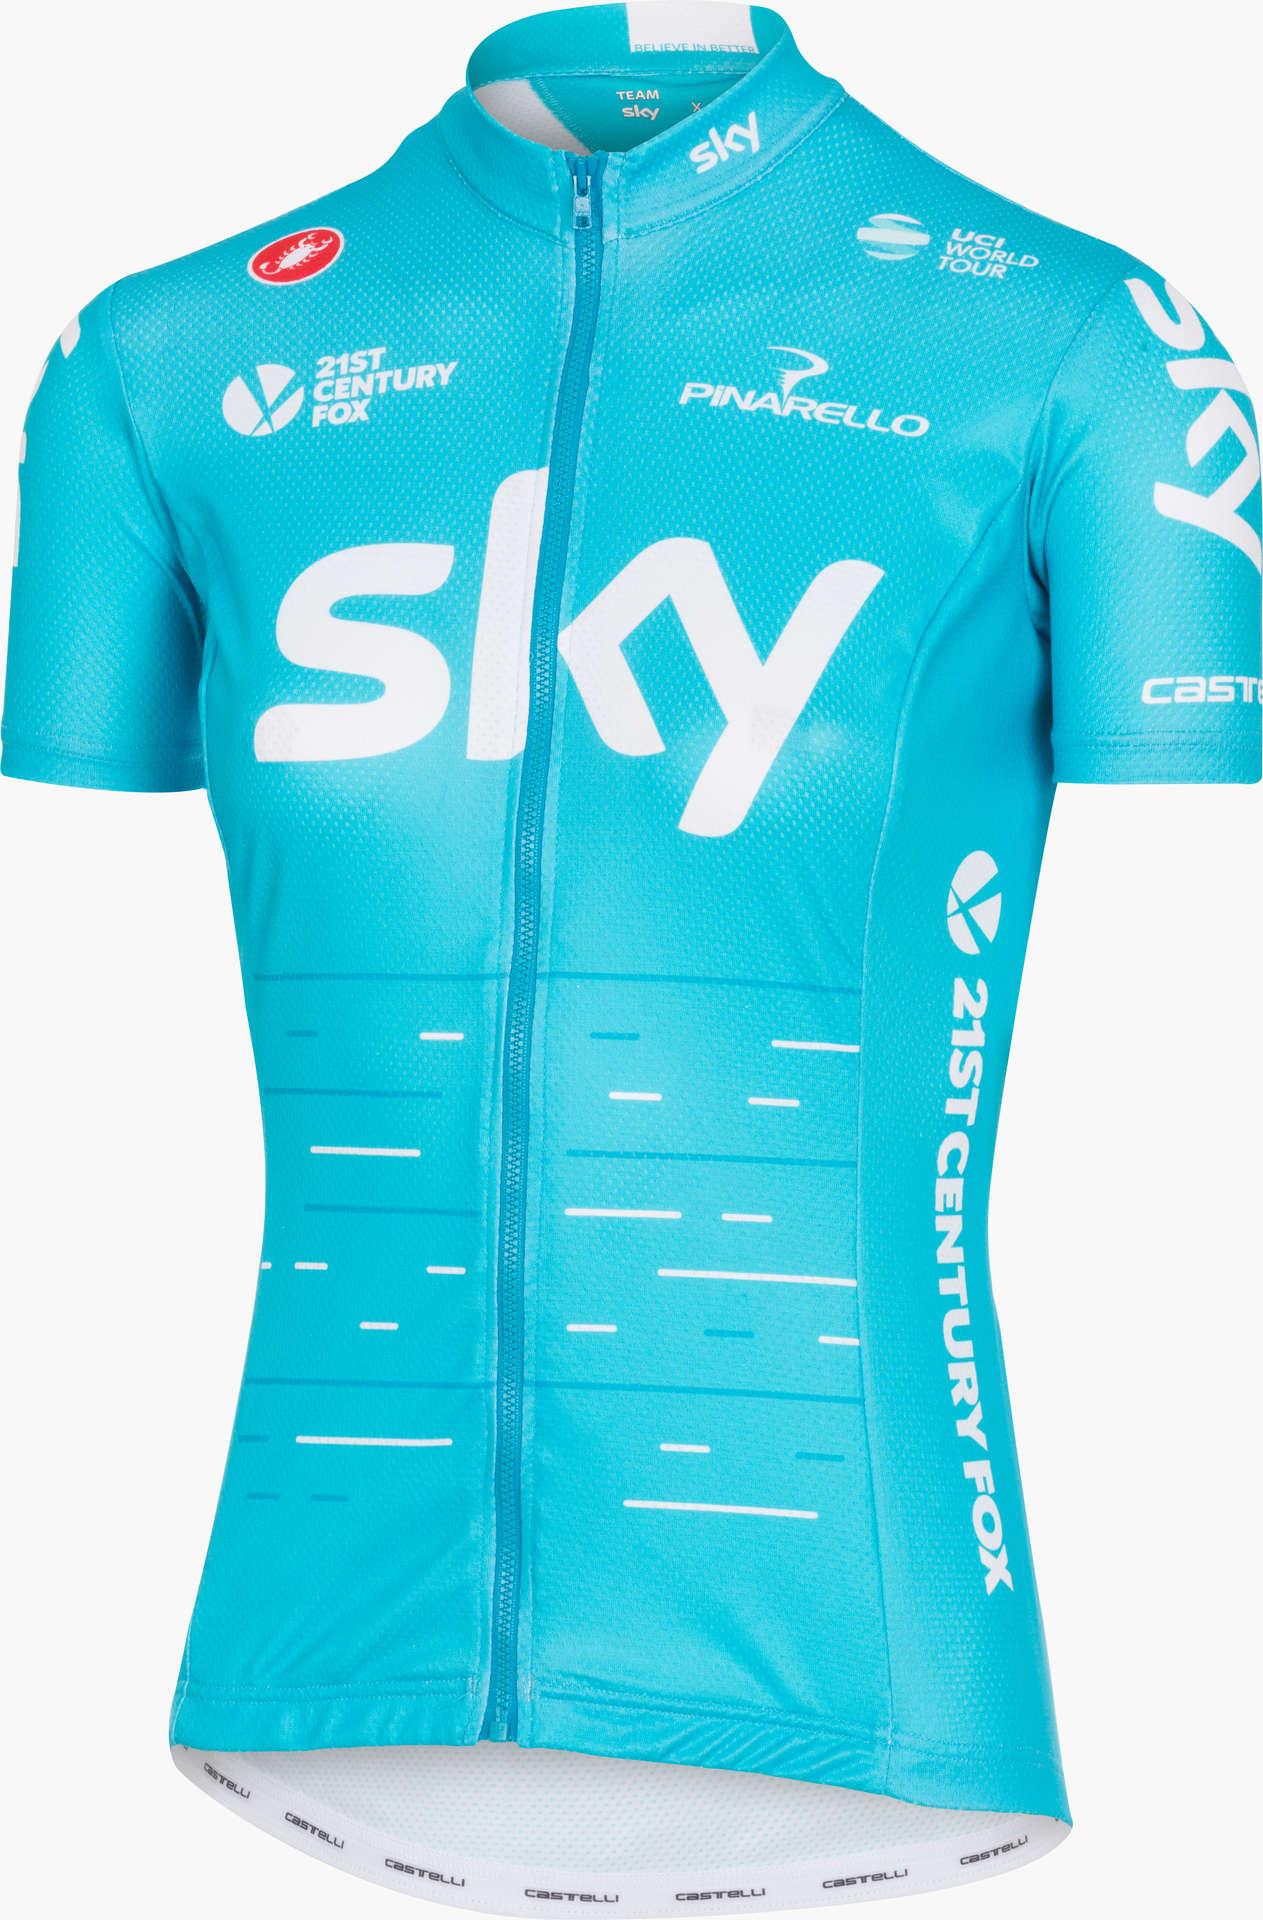 Castelli team fan fietsshirt korte mouwen blauw dames koop jpg 1263x1920 Sky  fan e98254fb7